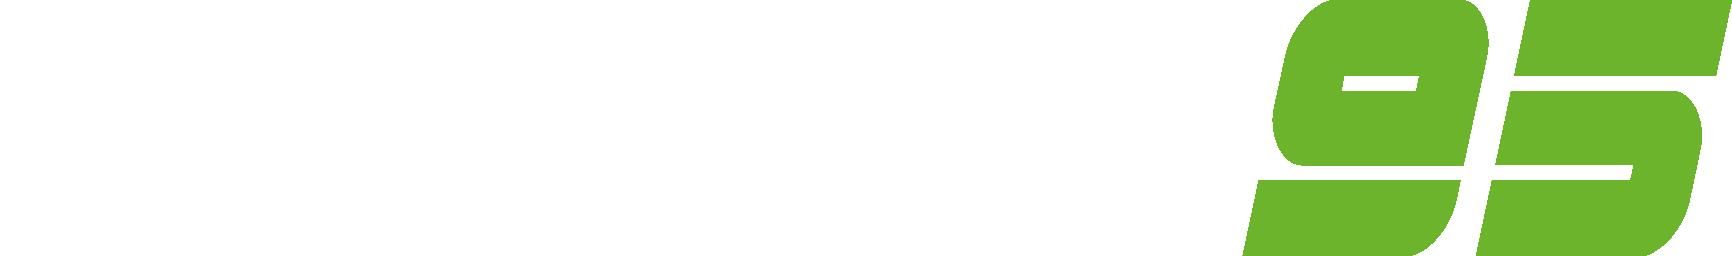 De officiële website van Collin Veijer